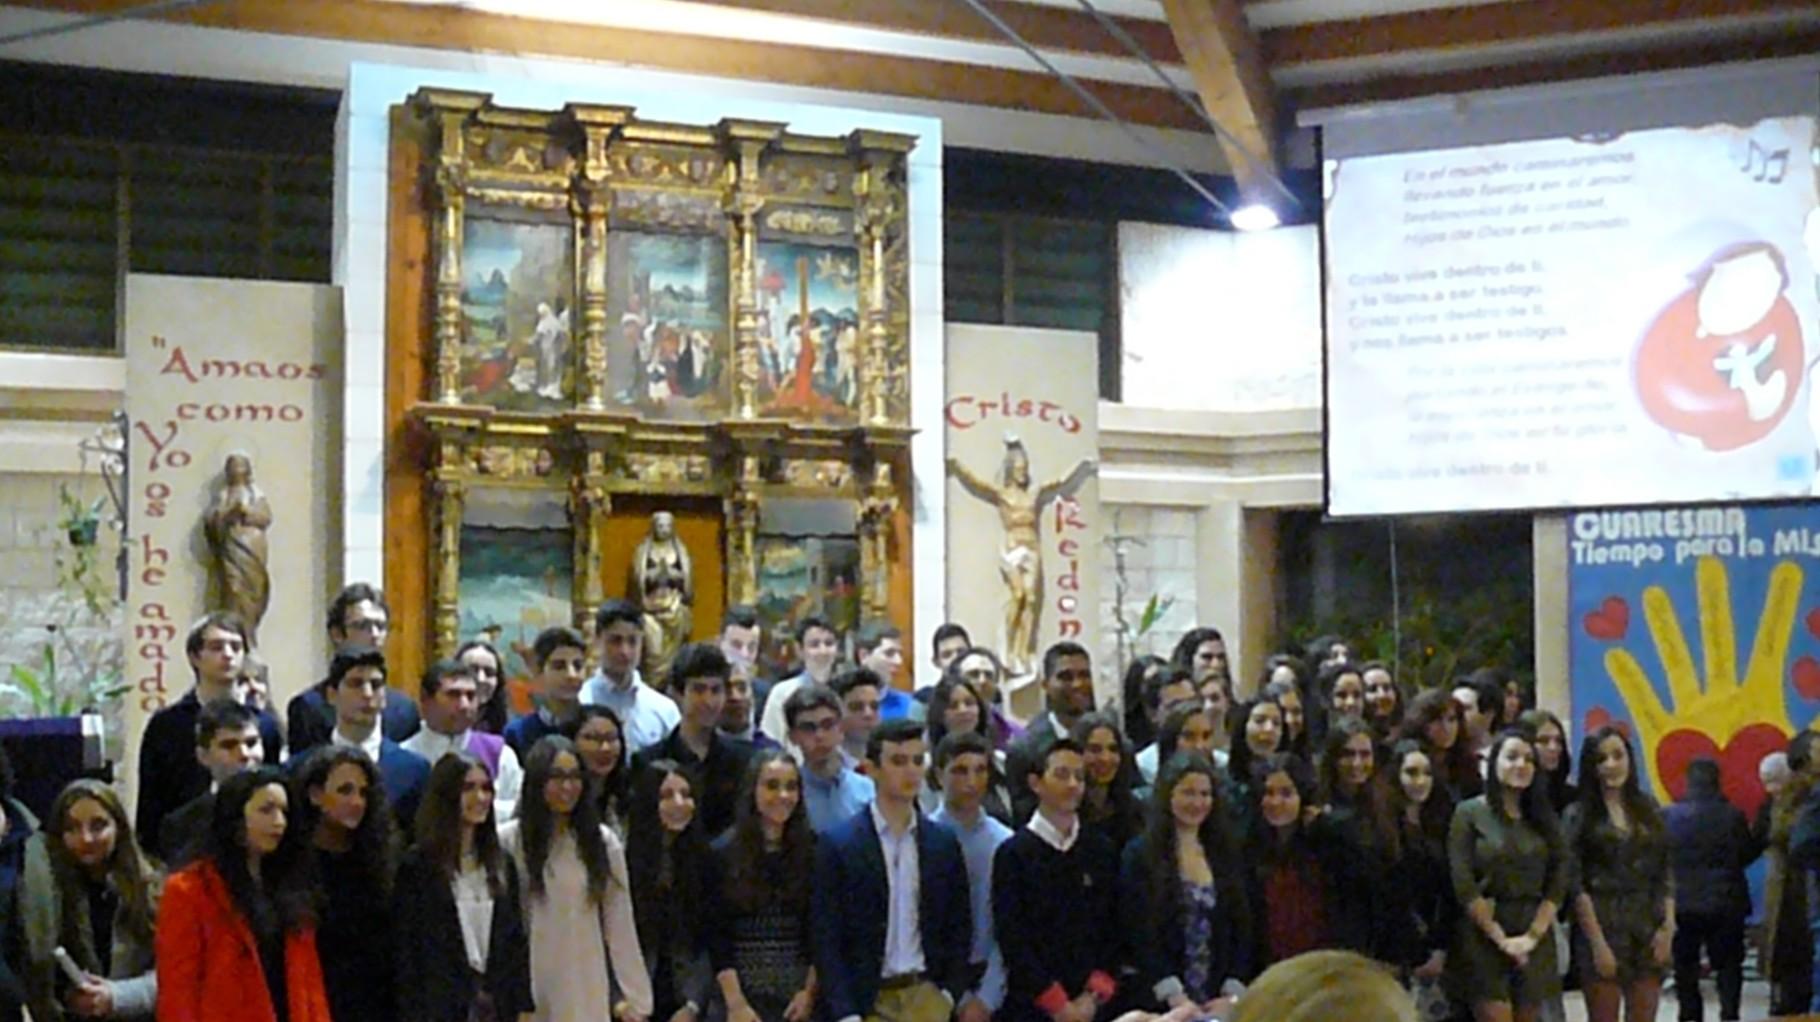 Confirmaciones: 52 jóvenes de nuestra parroquia fueron confirmados el 13 de Febrero de 2016